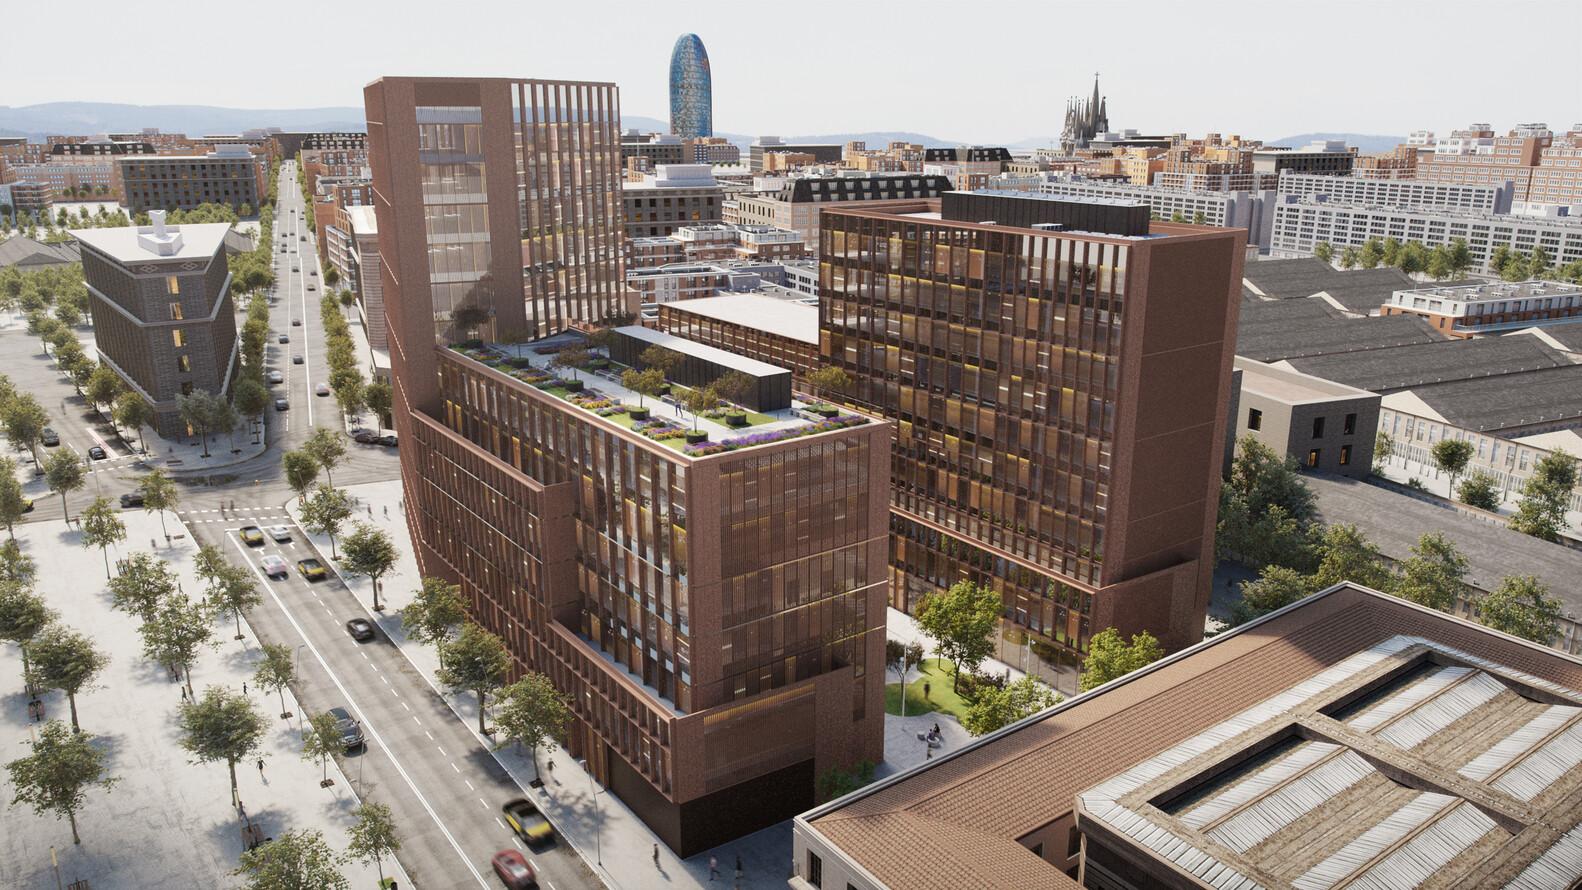 gca-architects-construye-edificio-de-oficinas-de-alta-tecnología-alt